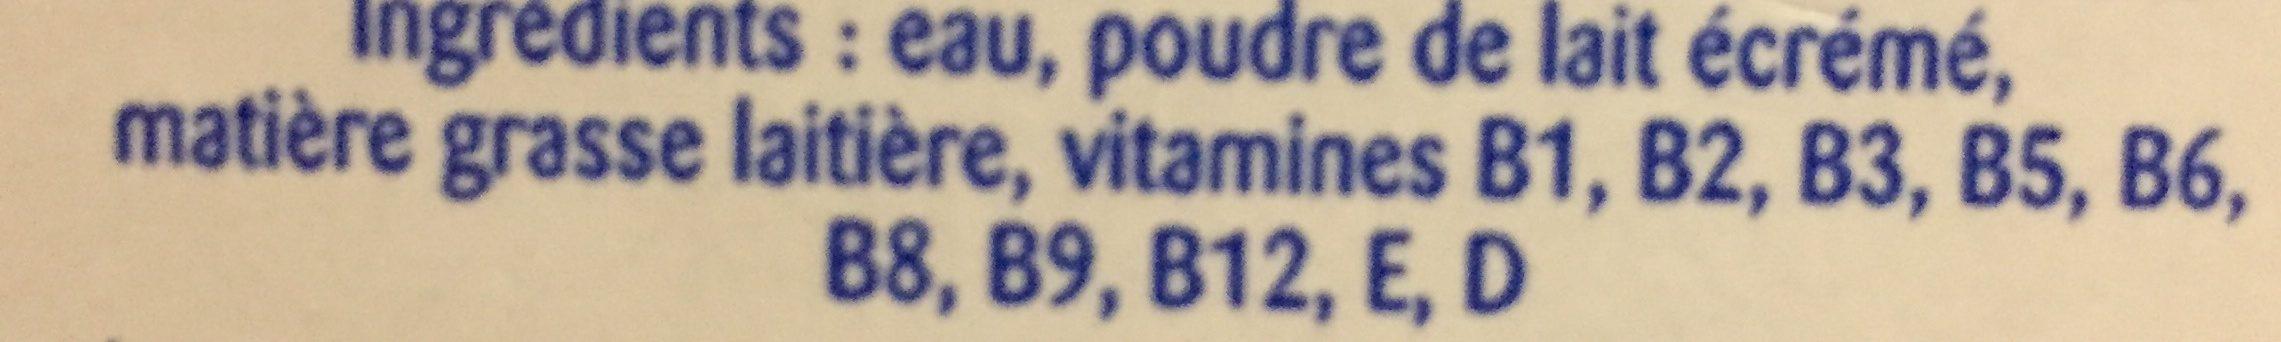 Lait candia viva - Ingrédients - fr